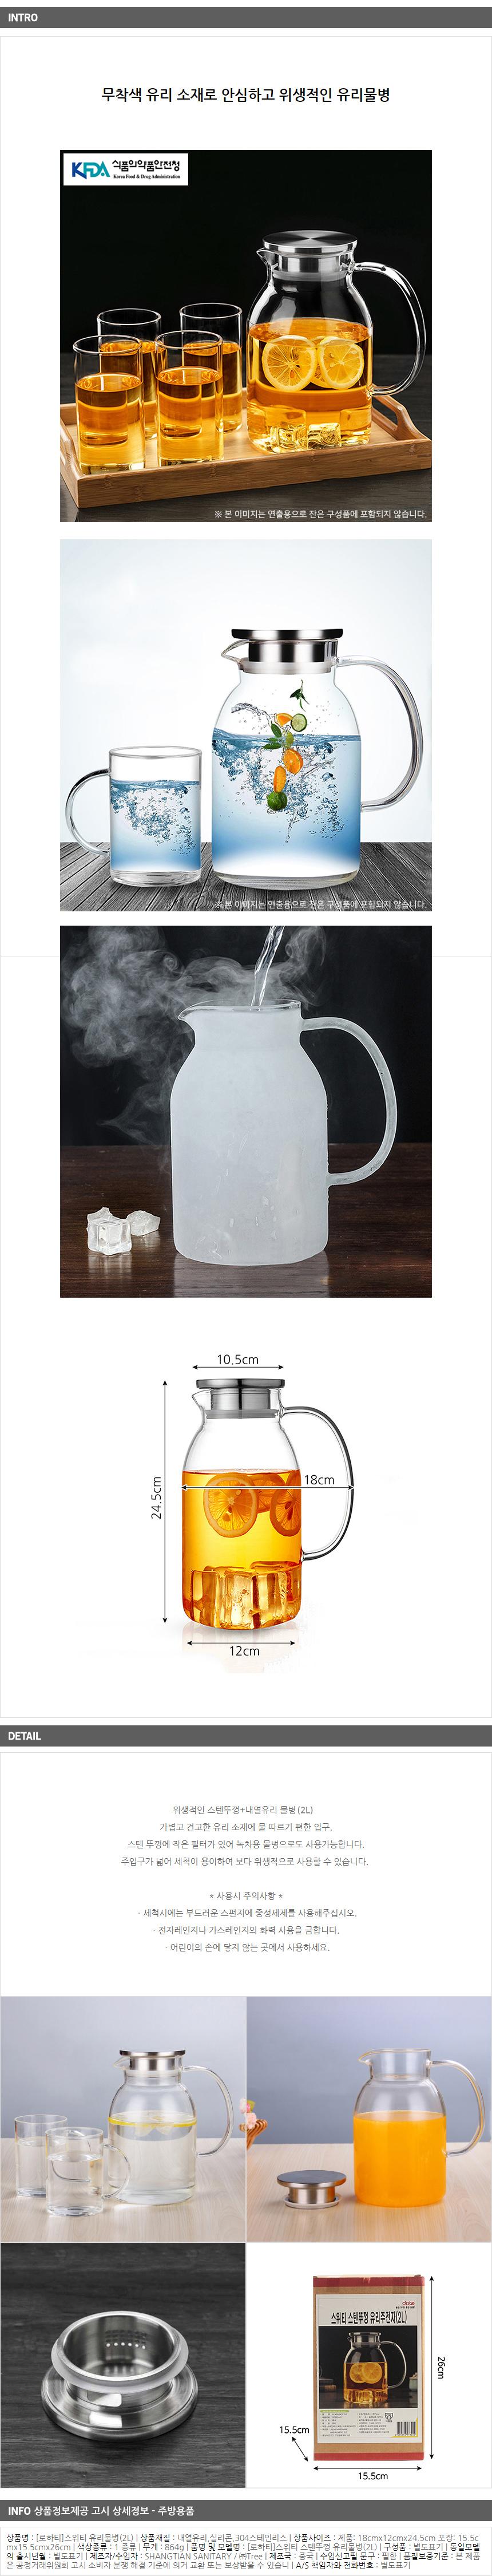 [로하티]스위티 유리물병(2L) - 기프트갓, 22,500원, 보틀/텀블러, 키친 물병